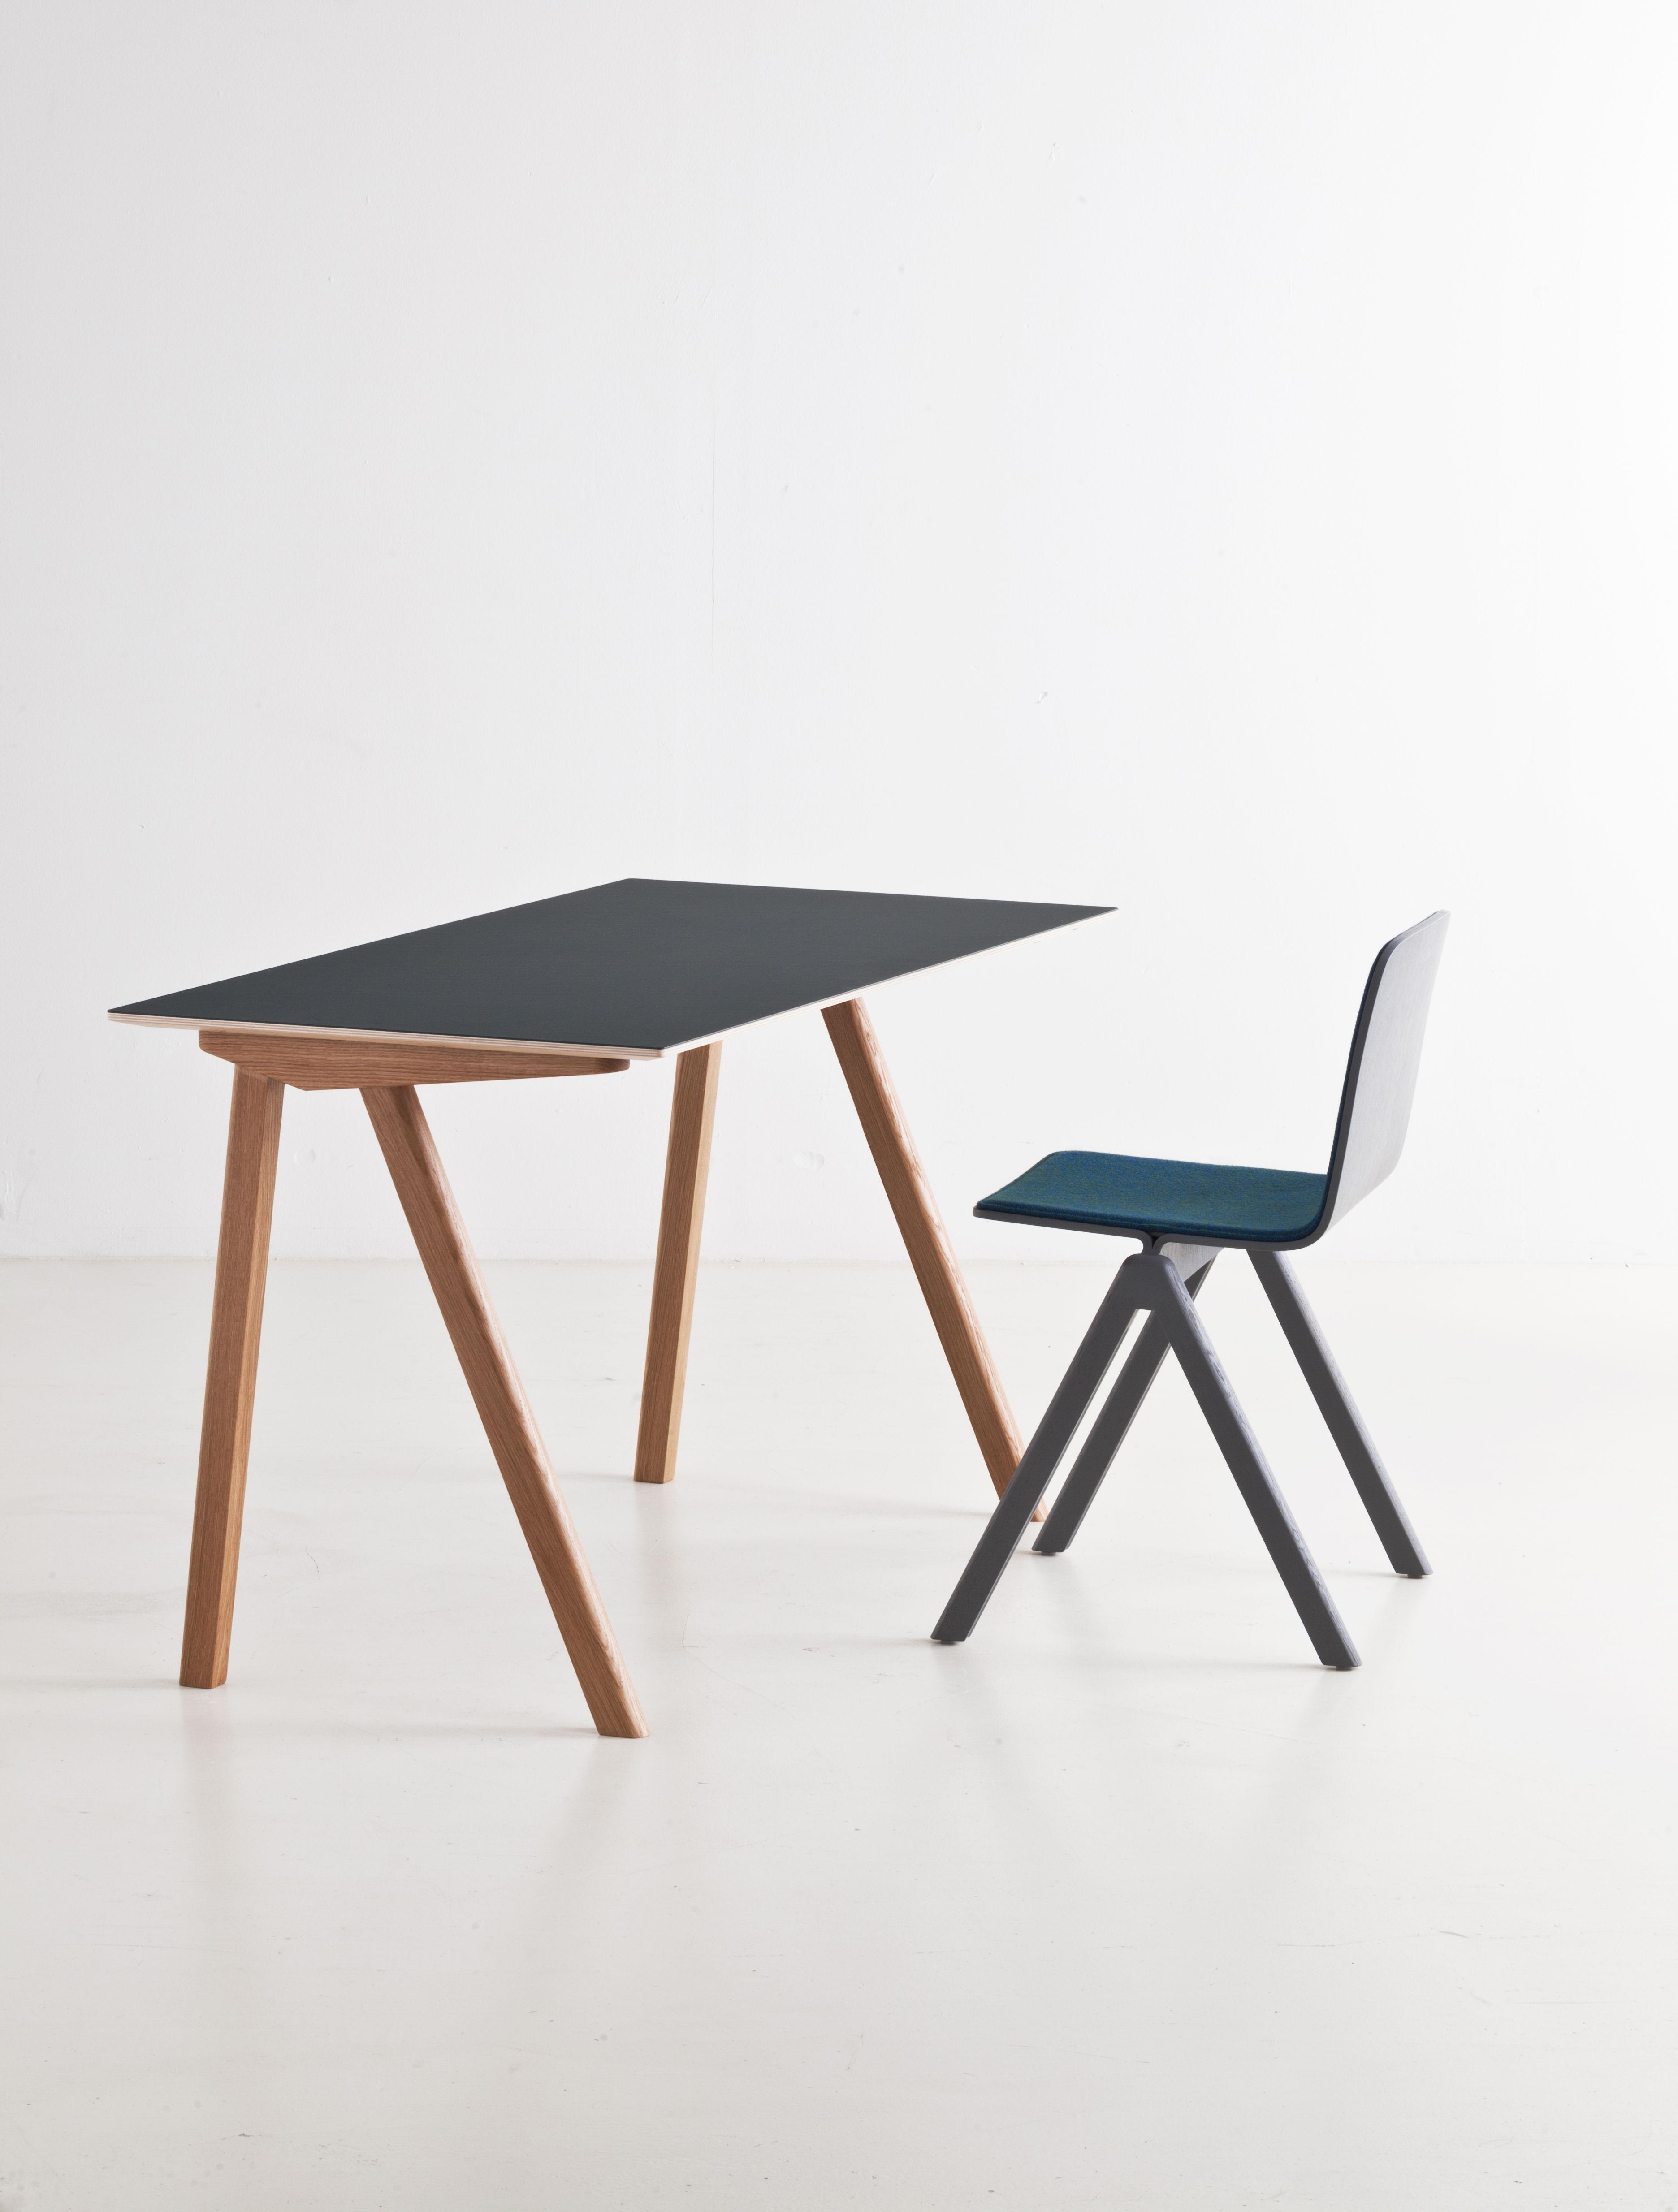 copenhague schreibtisch modell 90 hay dunkelgr n eiche. Black Bedroom Furniture Sets. Home Design Ideas